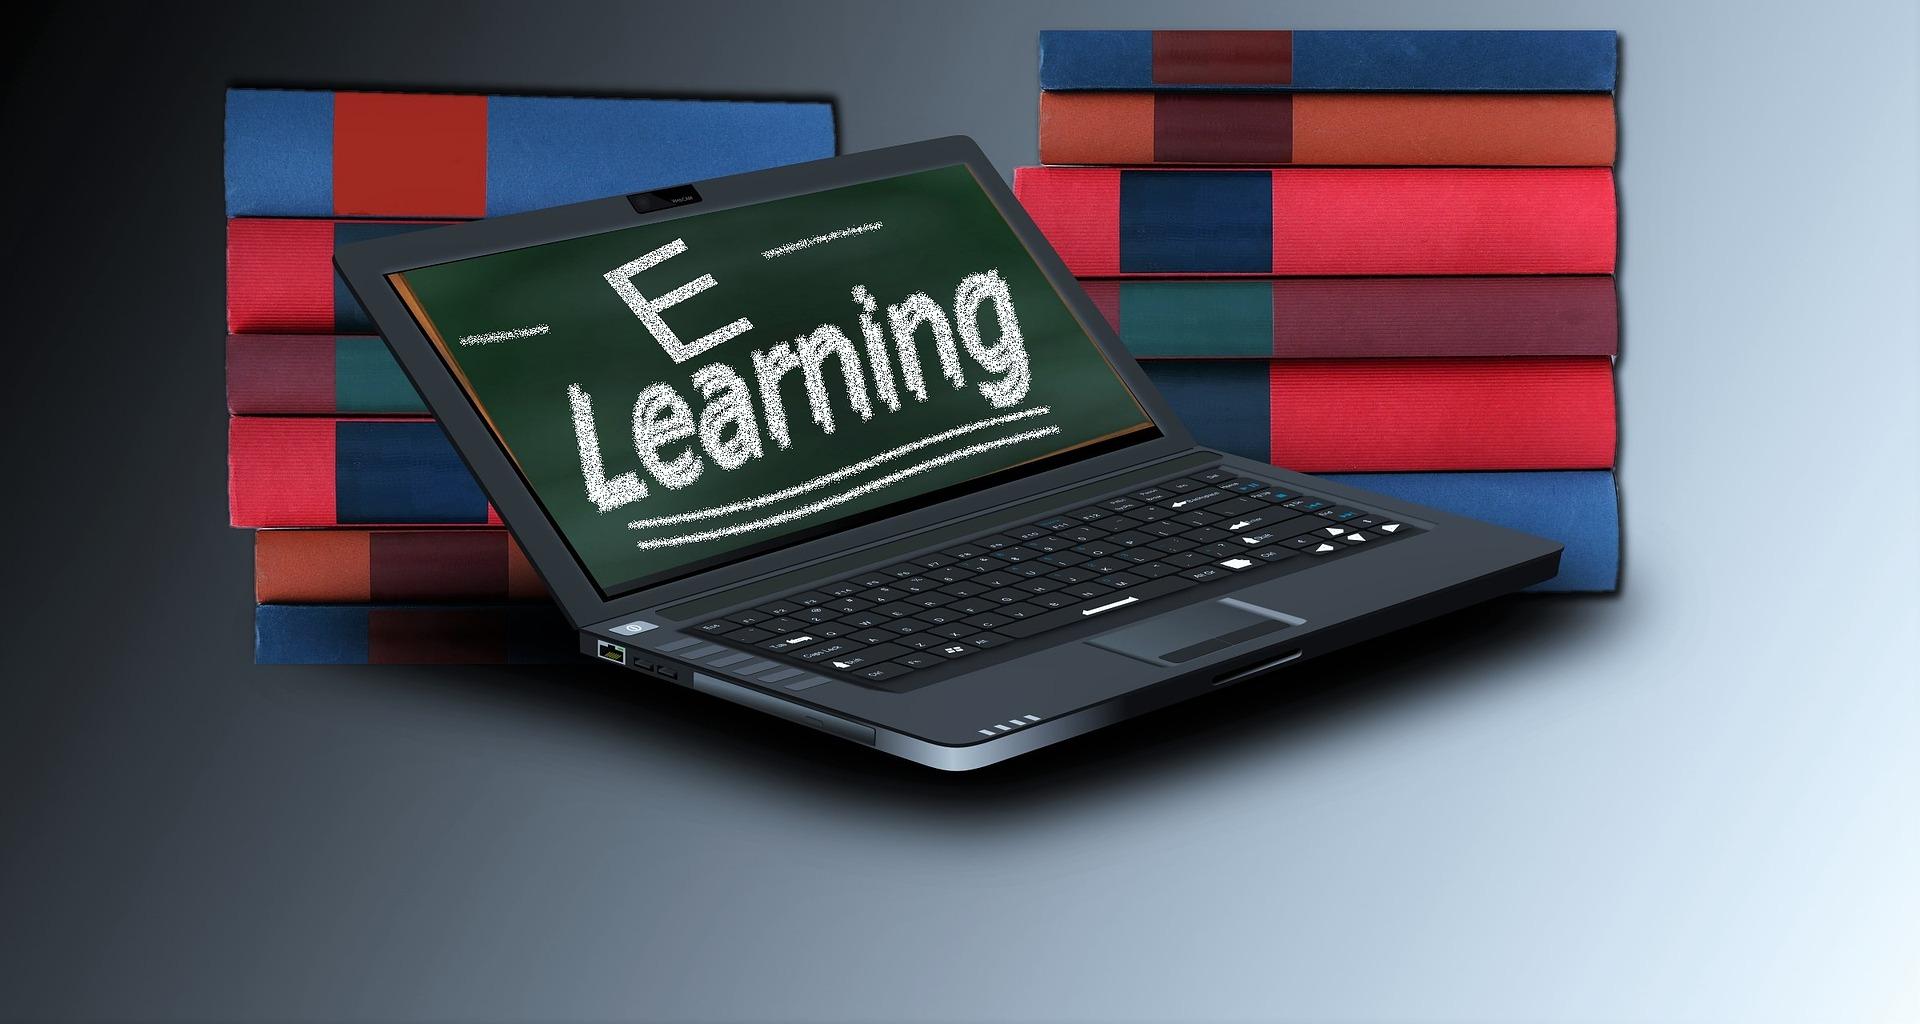 派遣のキャリアアップ教育にeラーニングが最適な理由とは?